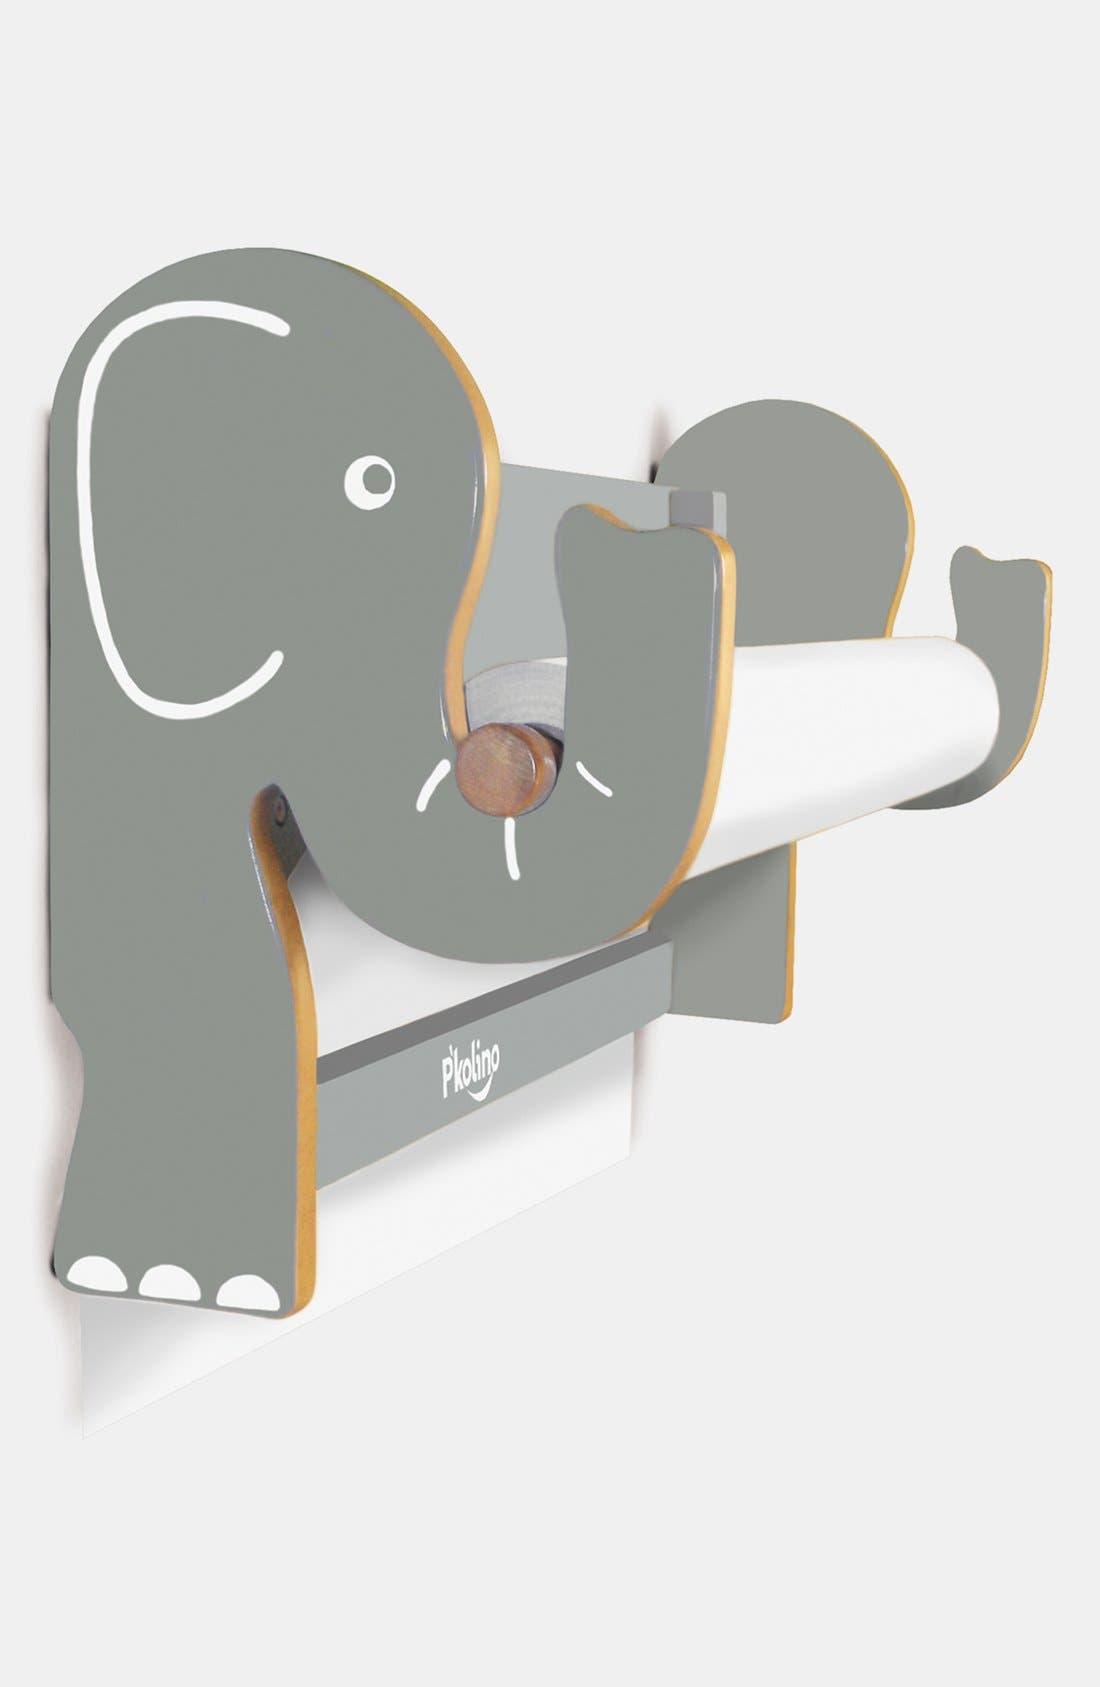 Main Image - ELEPHANT WALL EASEL